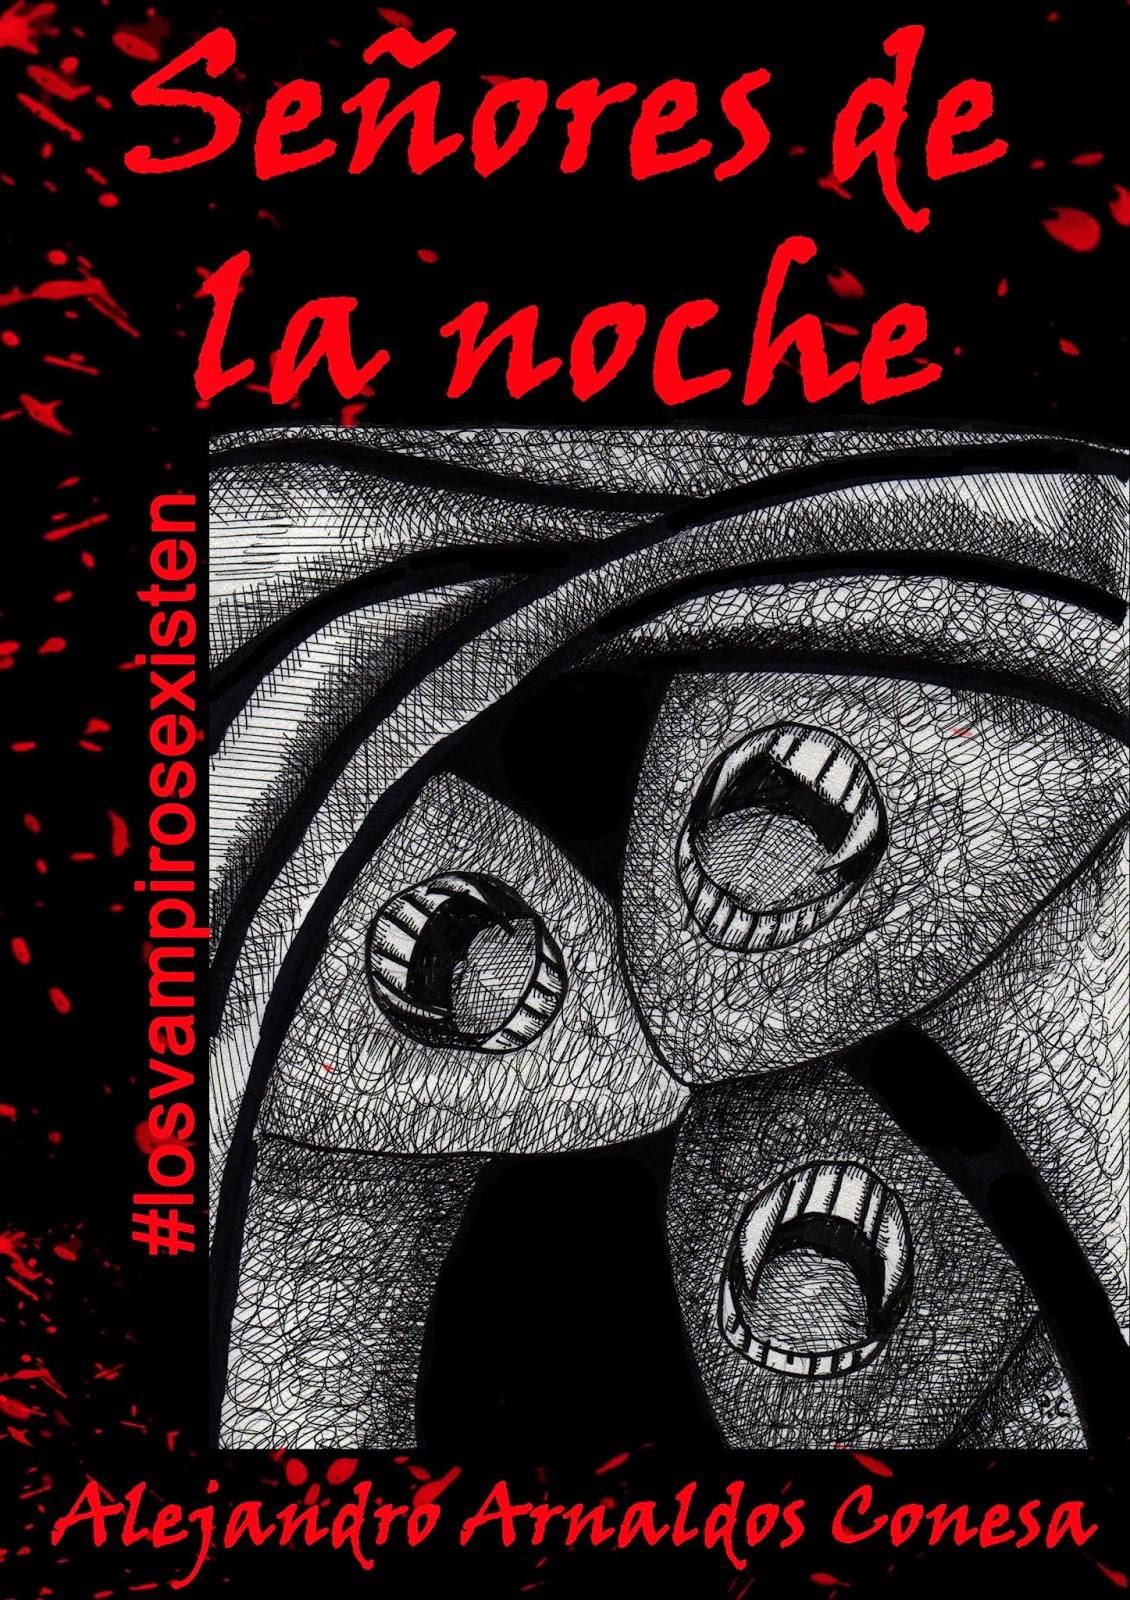 http://www.amazon.es/Se%C3%B1ores-noche-Alejandro-Arnaldos-Conesa-ebook/dp/B00LBJ5Z68/ref=sr_1_1?ie=UTF8&qid=1403859149&sr=8-1&keywords=se%C3%B1ores+de+la+noche